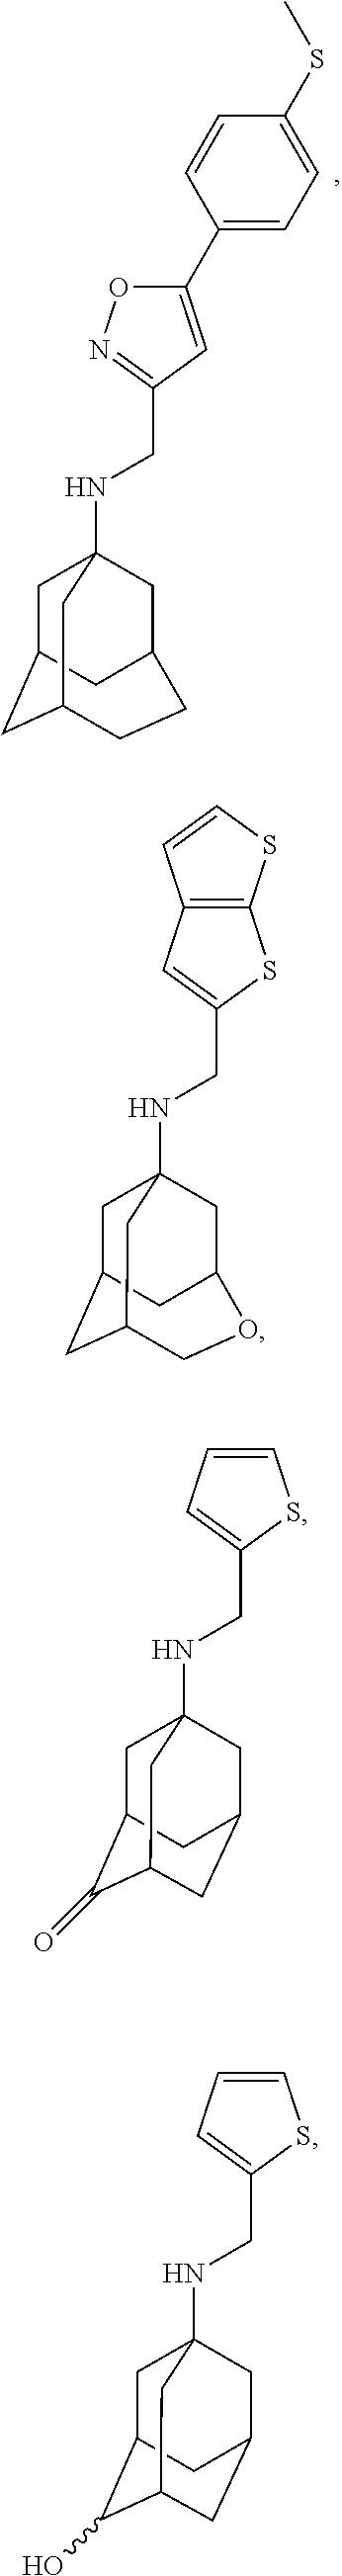 Figure US09884832-20180206-C00096